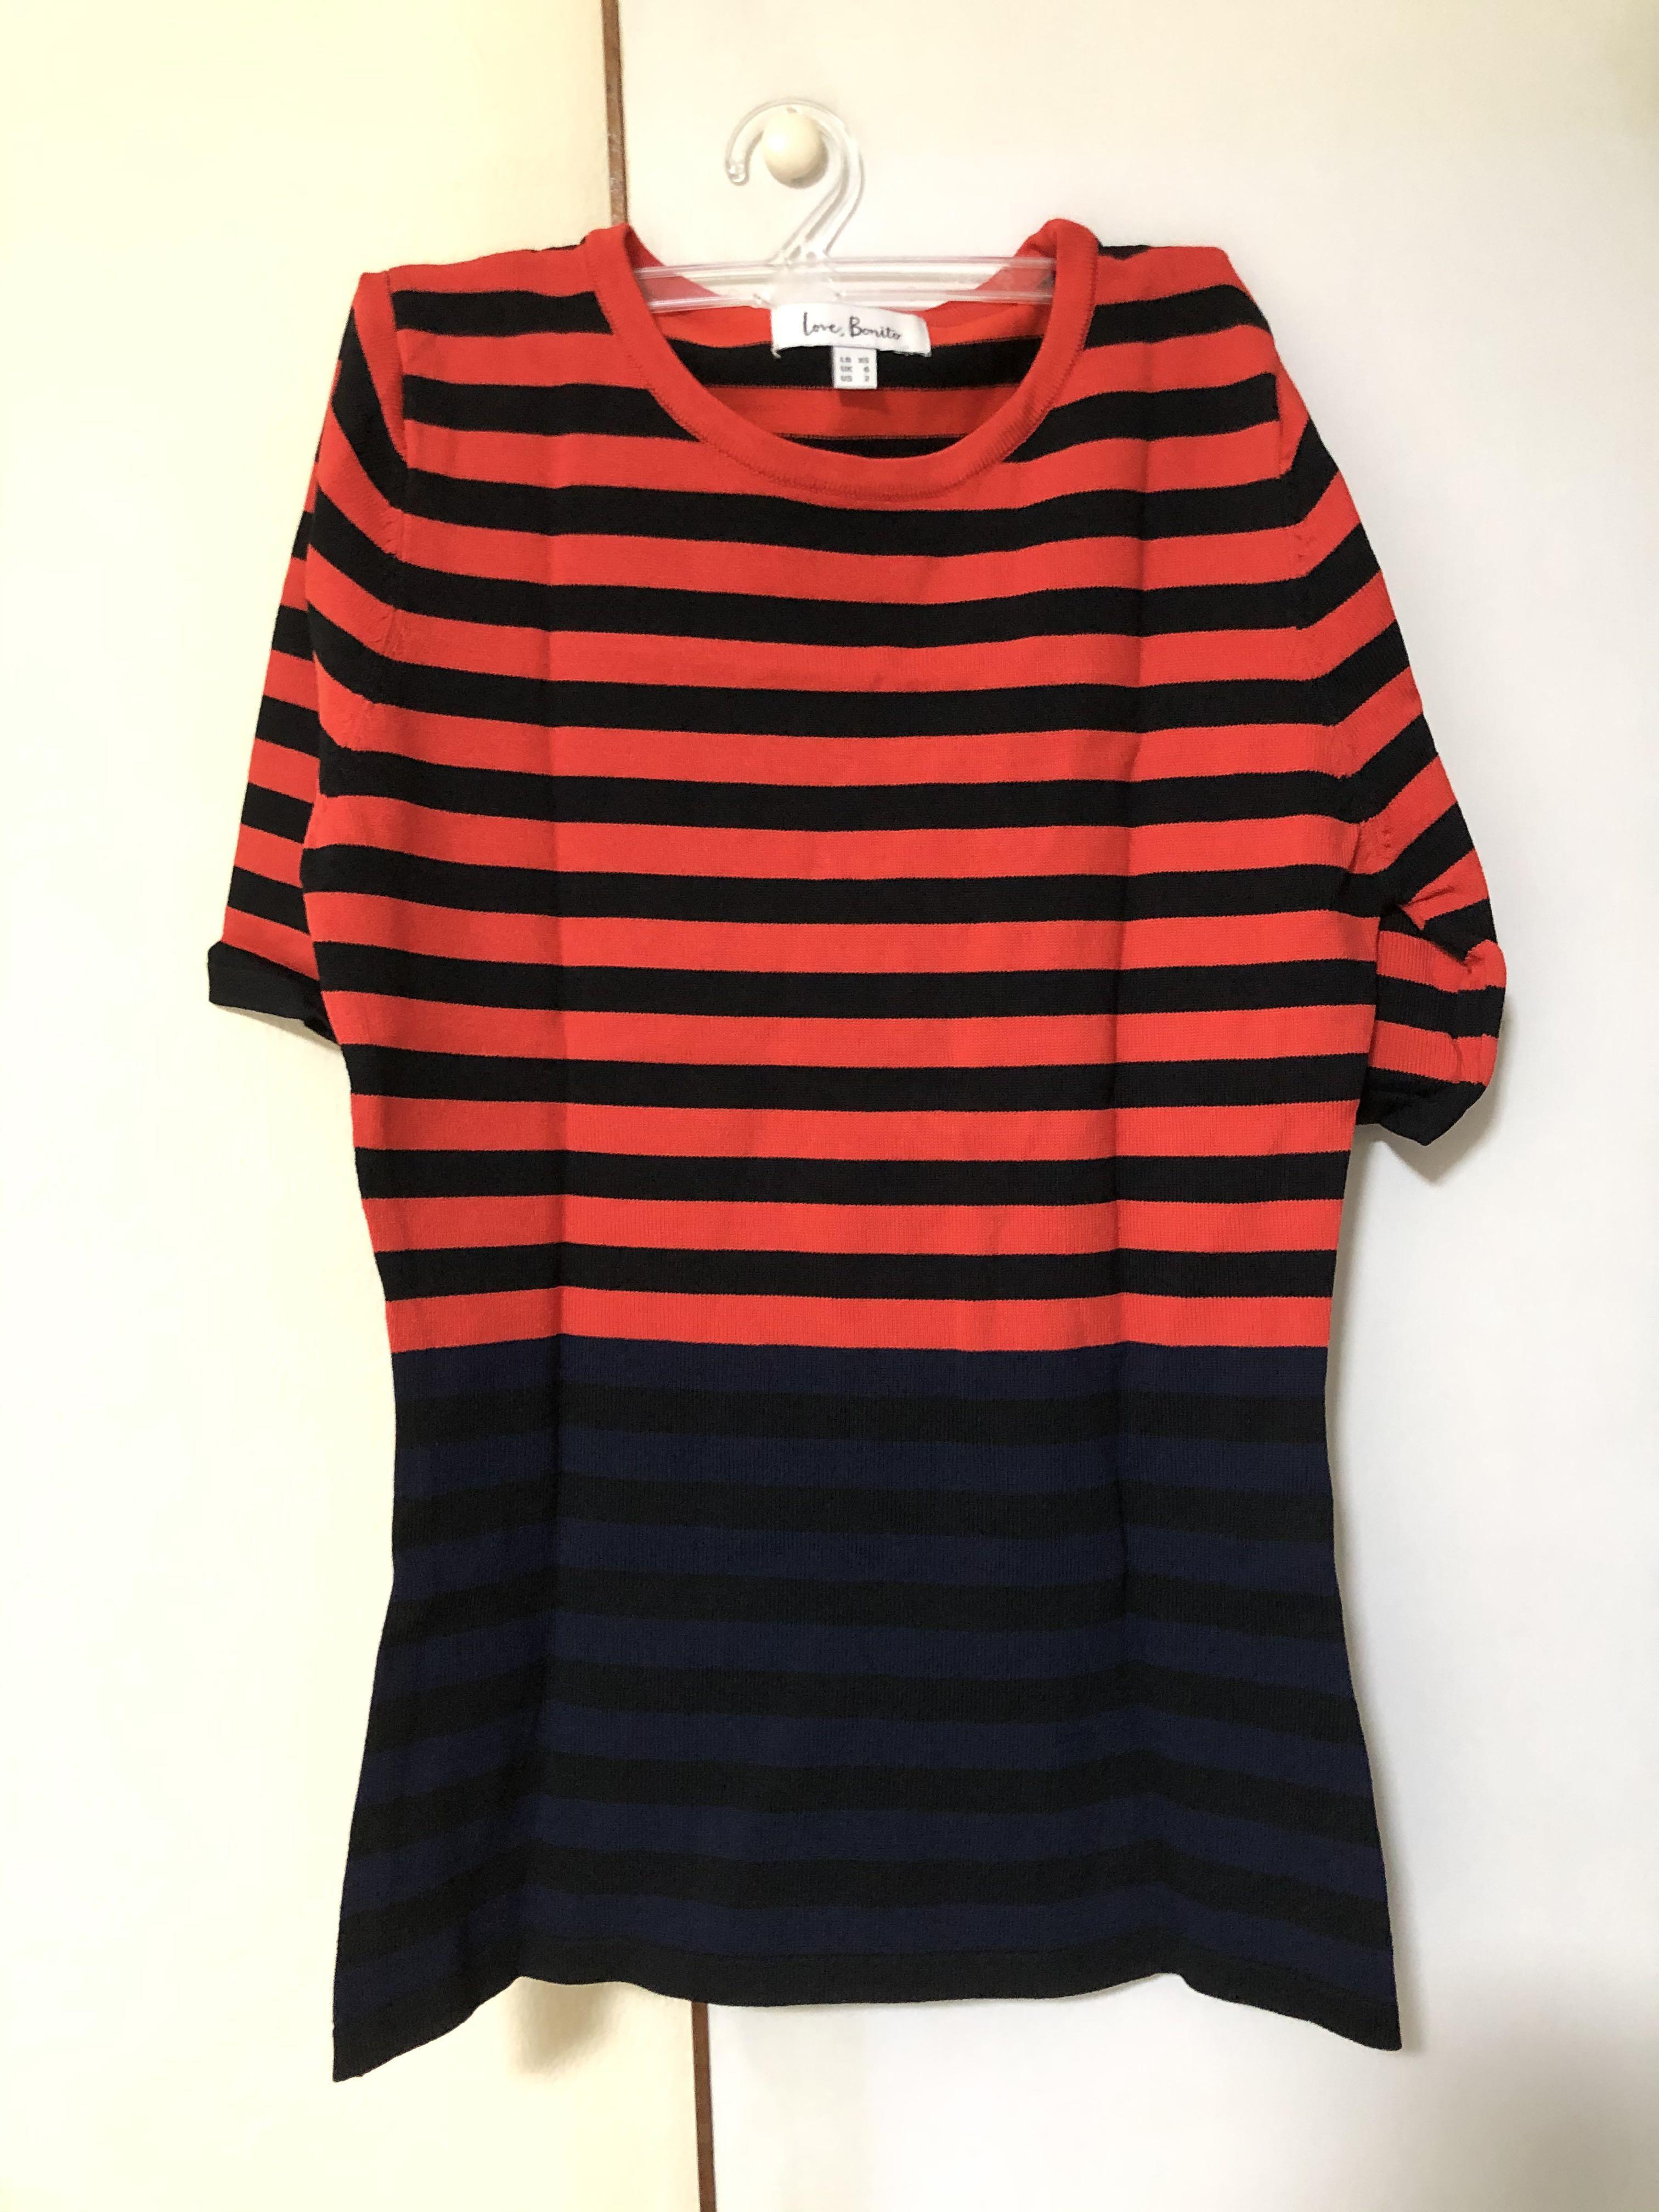 LB striped knit top